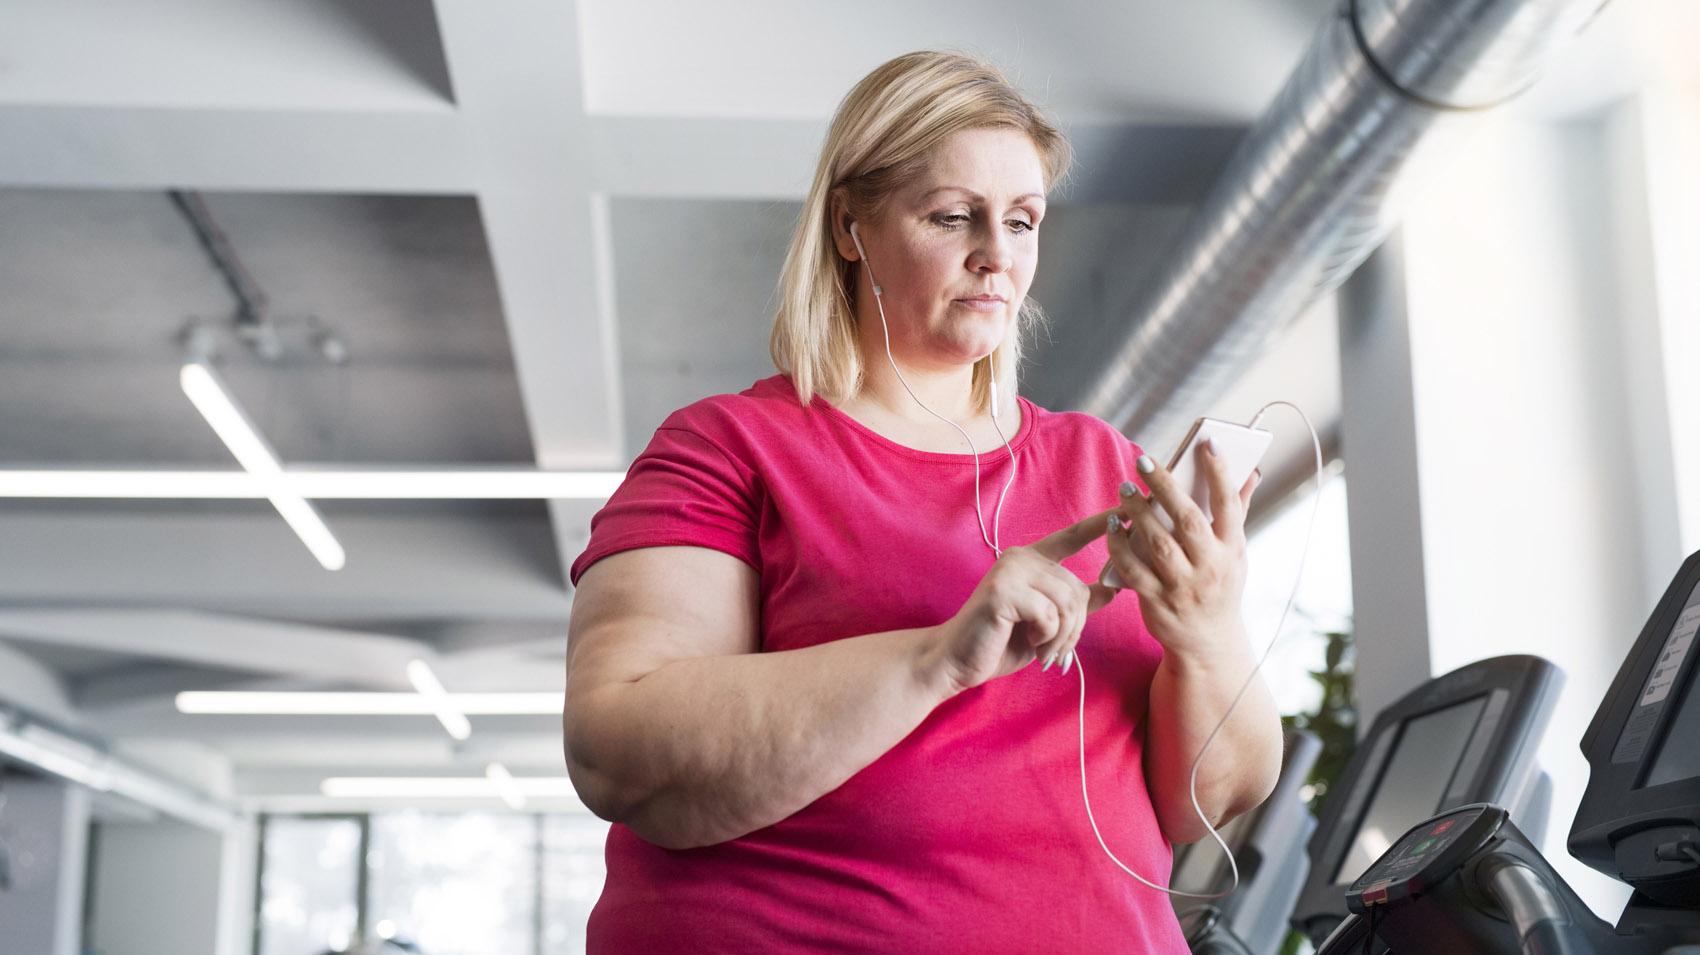 perdita di peso per obesità patologica senza chirurgia